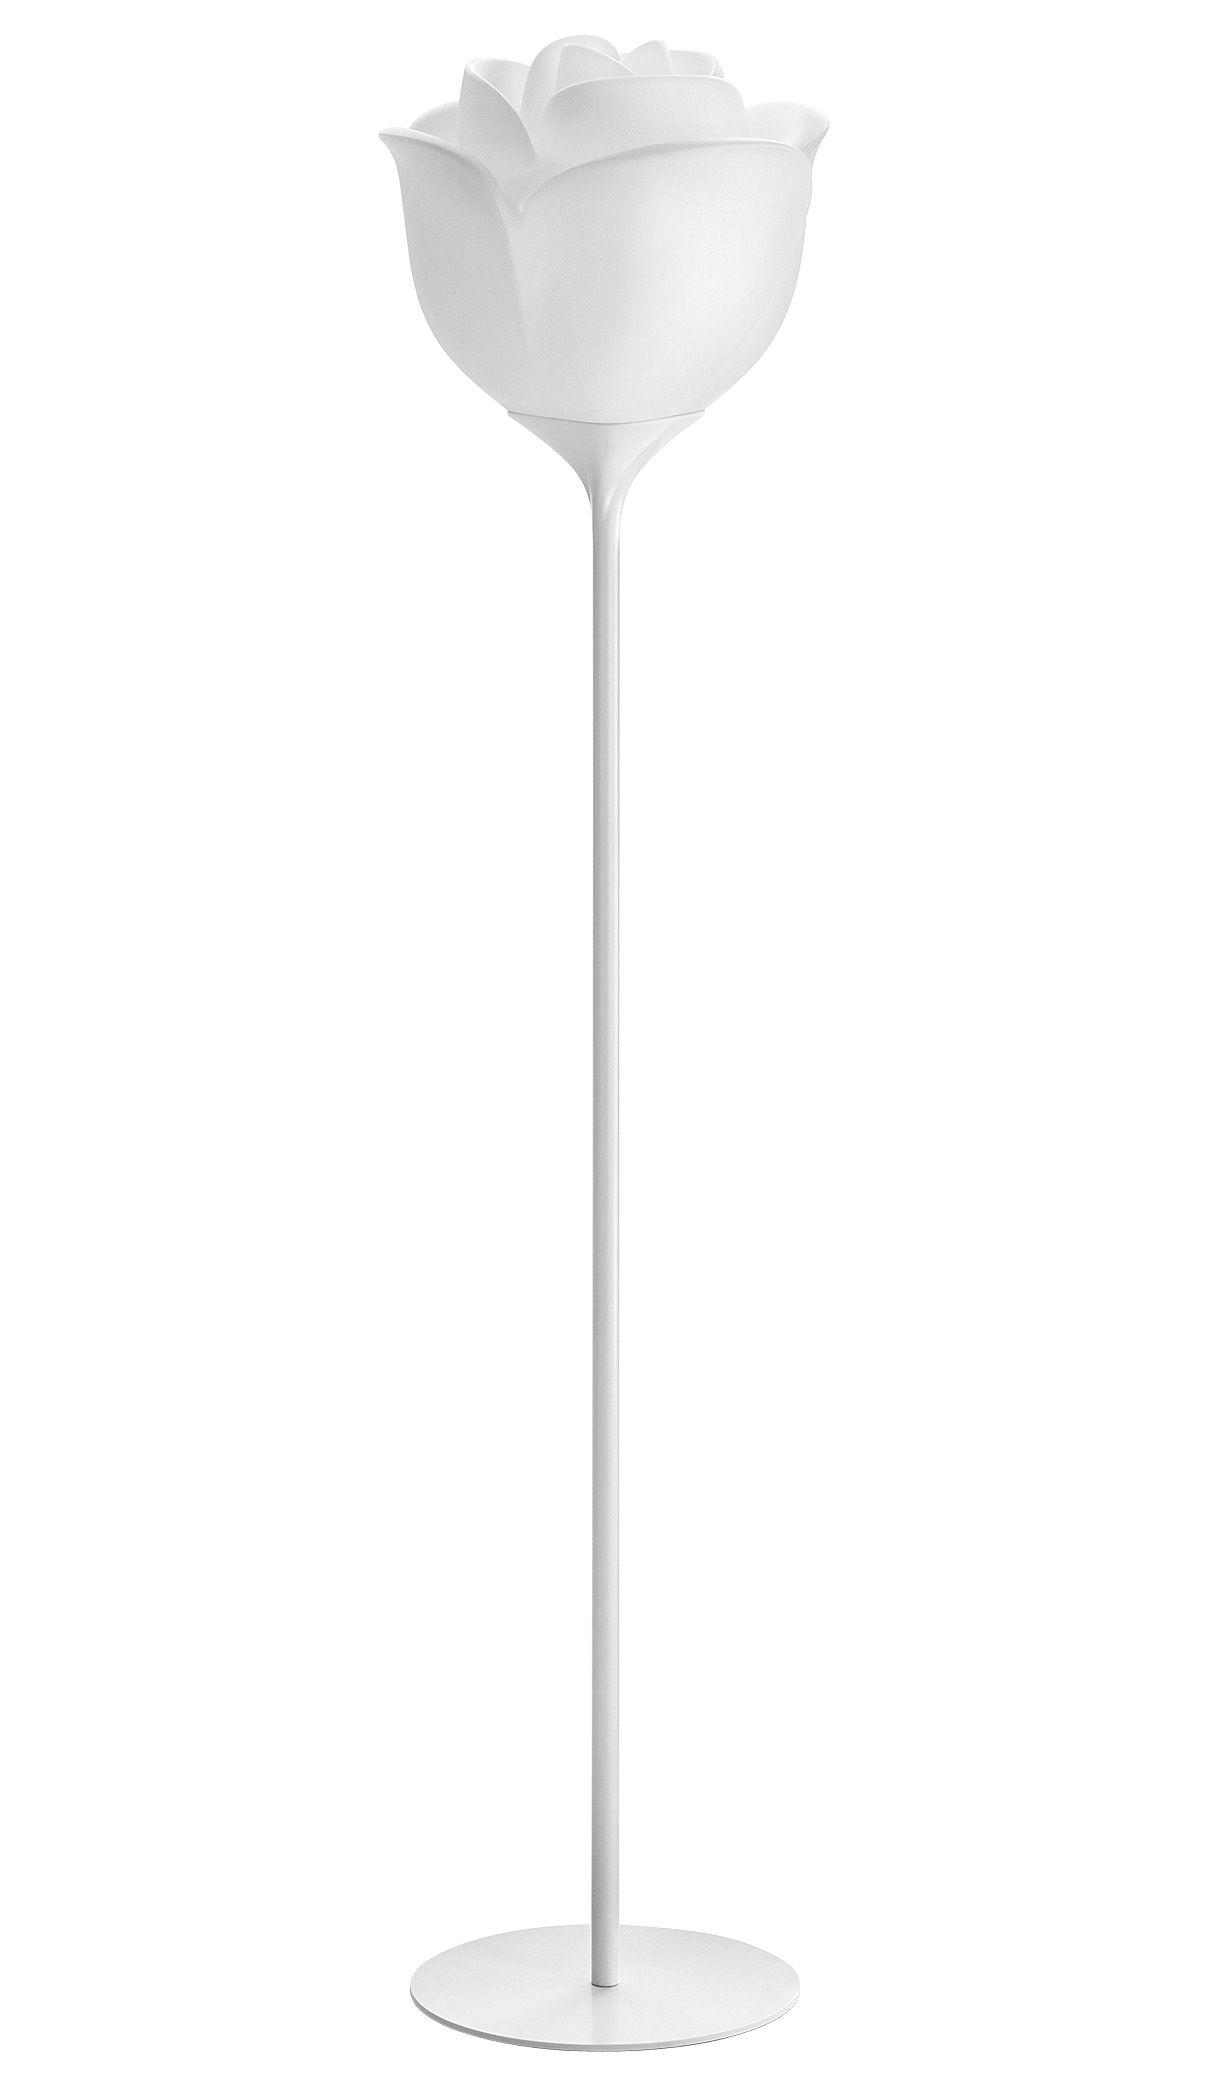 Illuminazione - Lampade da terra - Lampada a stelo Baby Love - da esterno - A 175 cm di MyYour - Piedistallo bianco - Paralume bianco - Acciaio laccato, Materiale plastico